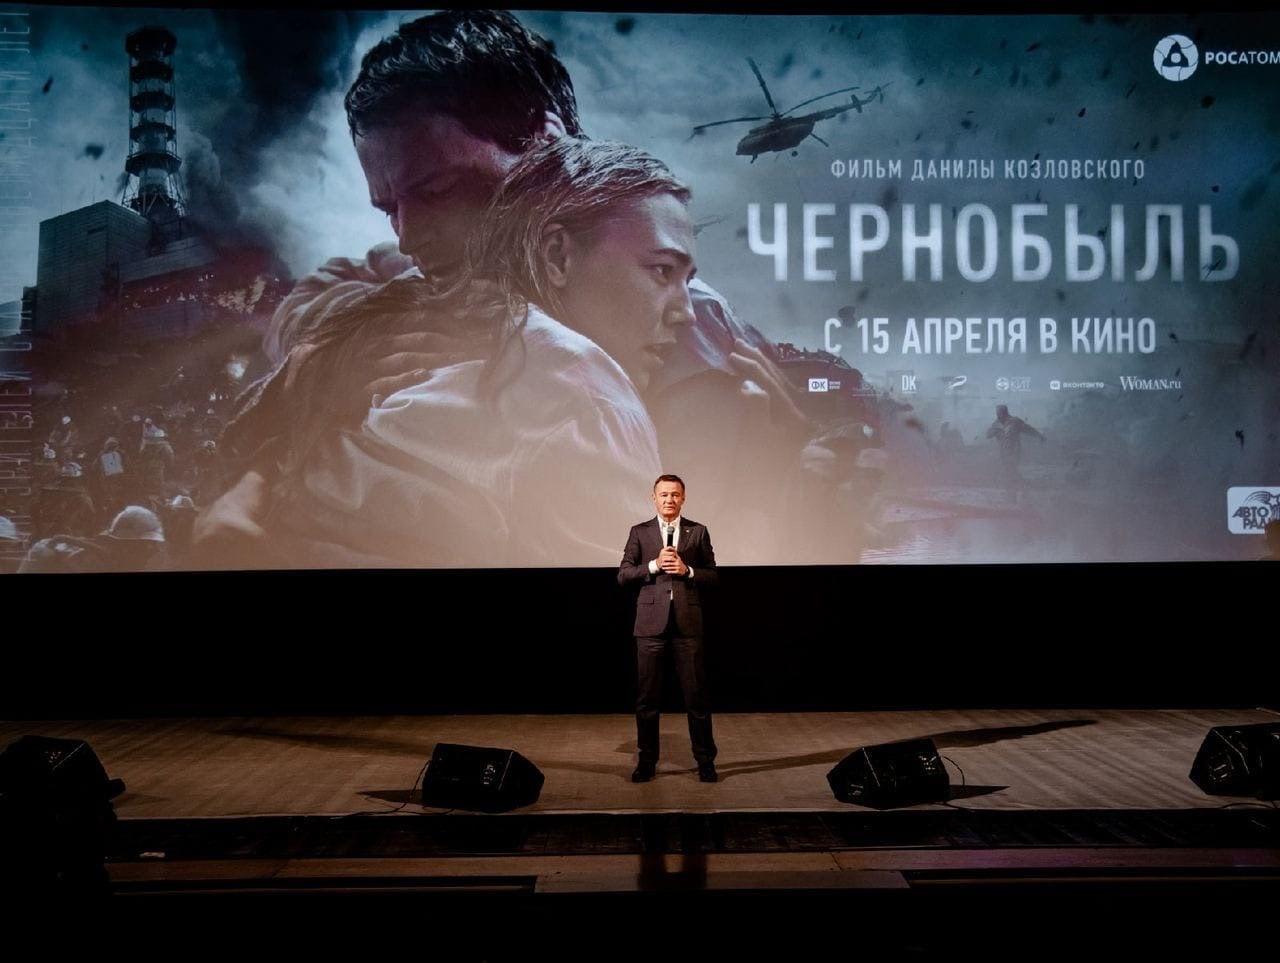 🔥В Курчатове прошел предпремьерный показ фильма «Чернобыль». Ленту представил...